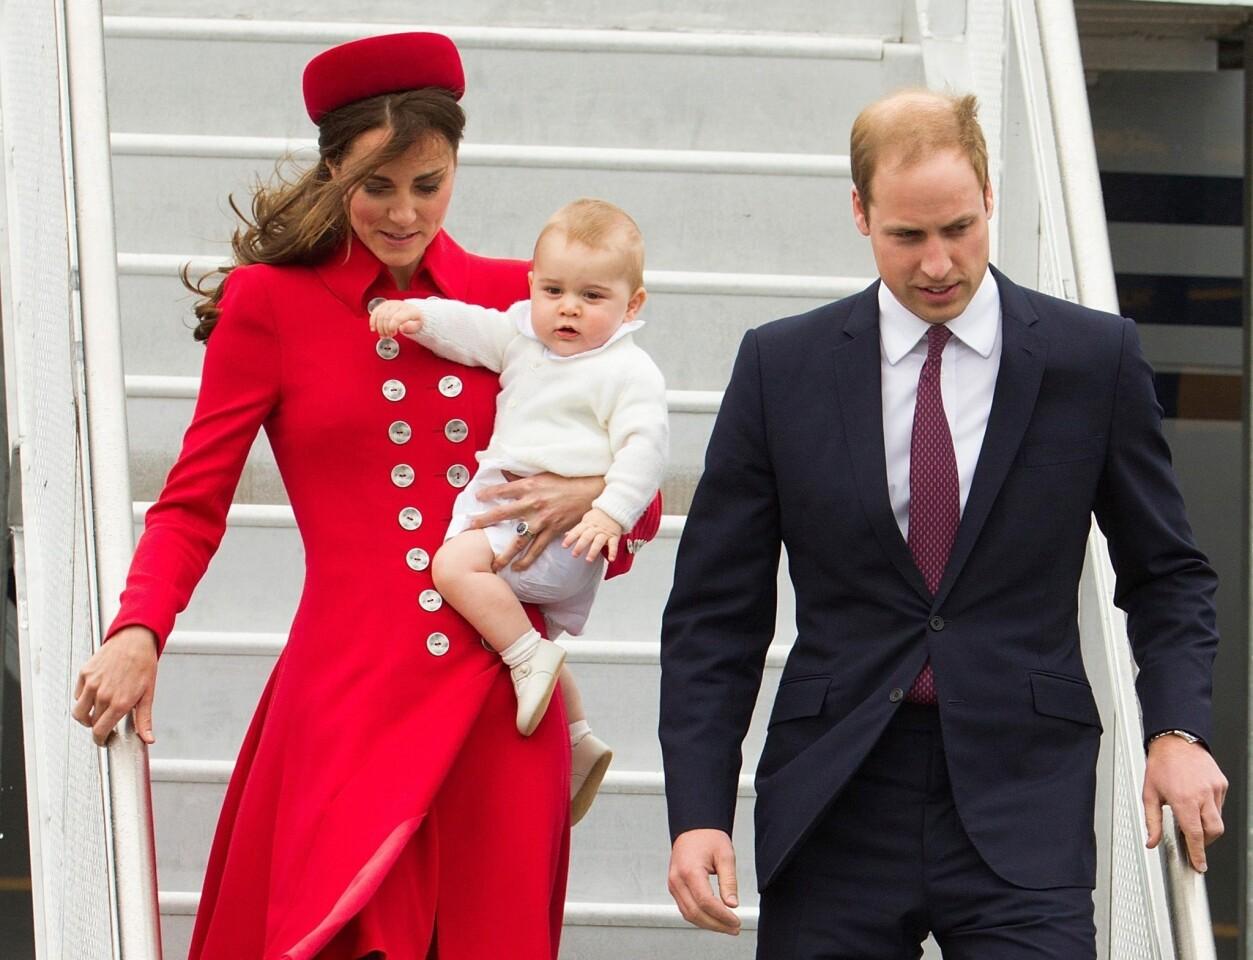 Royal visit to New Zealand